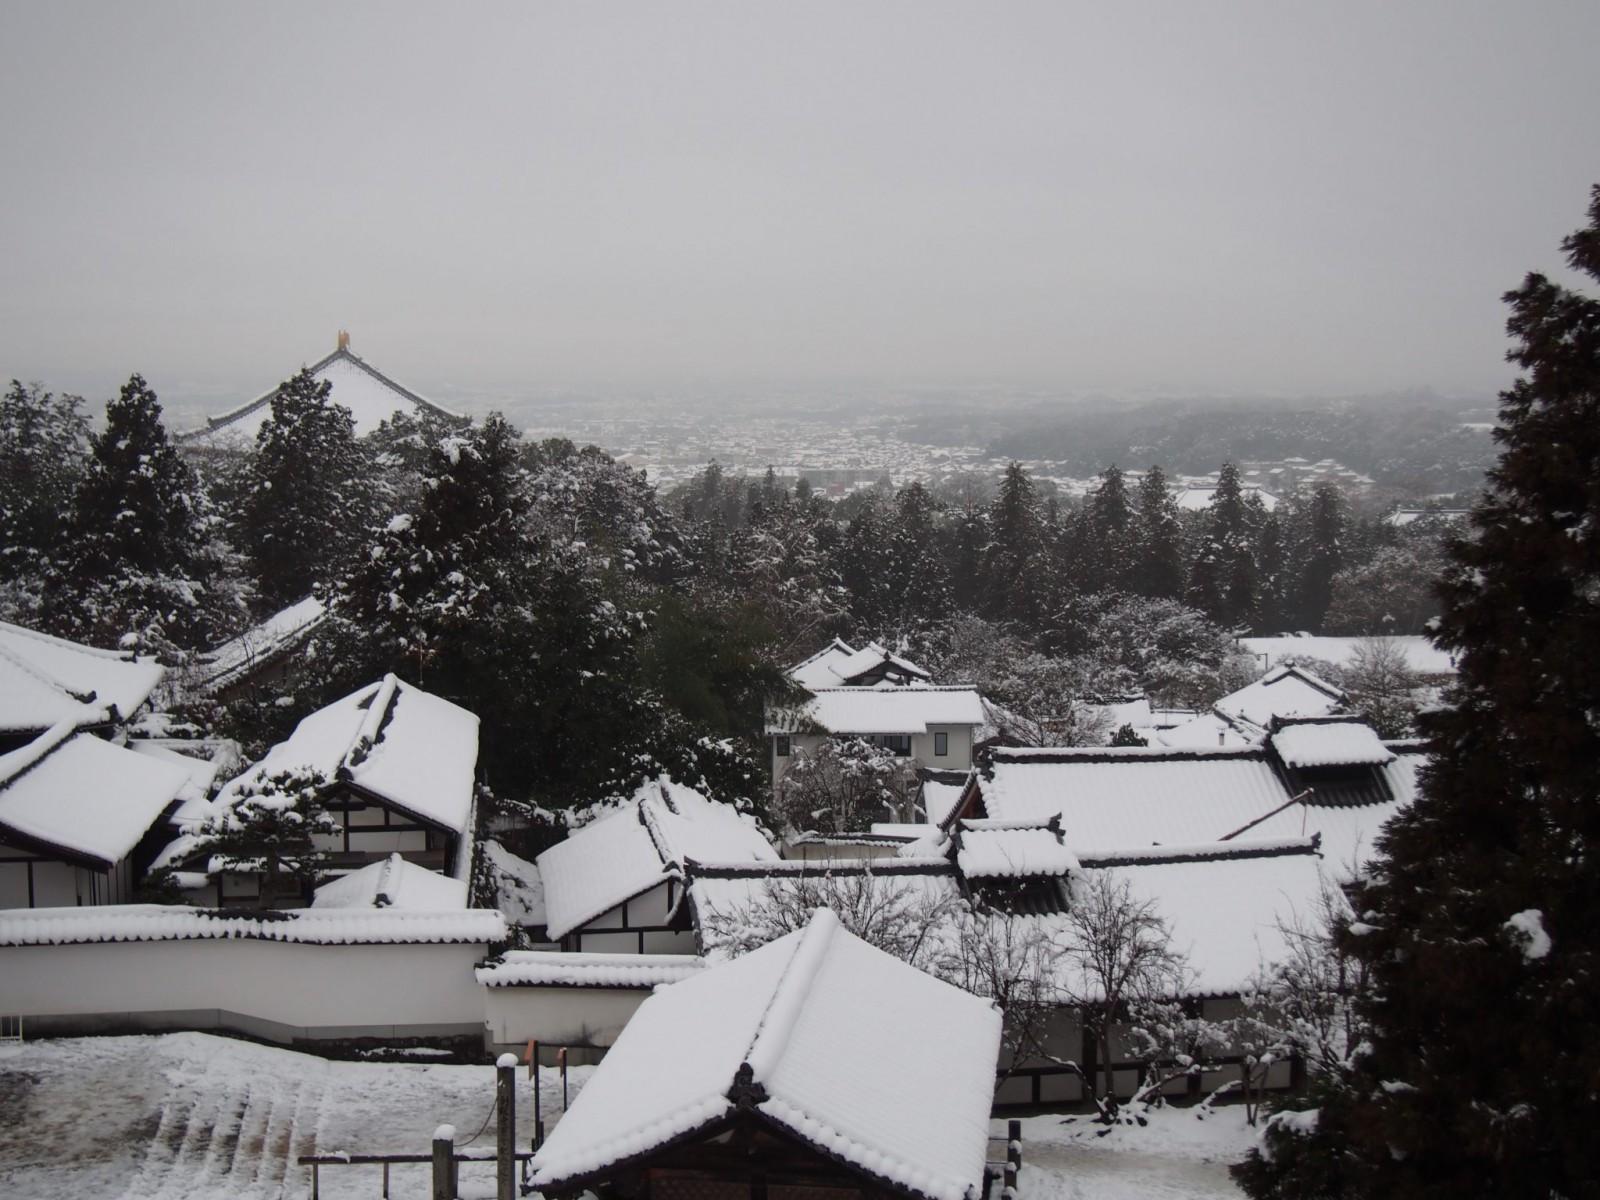 二月堂から雪景色の東大寺境内・奈良市街地を望む